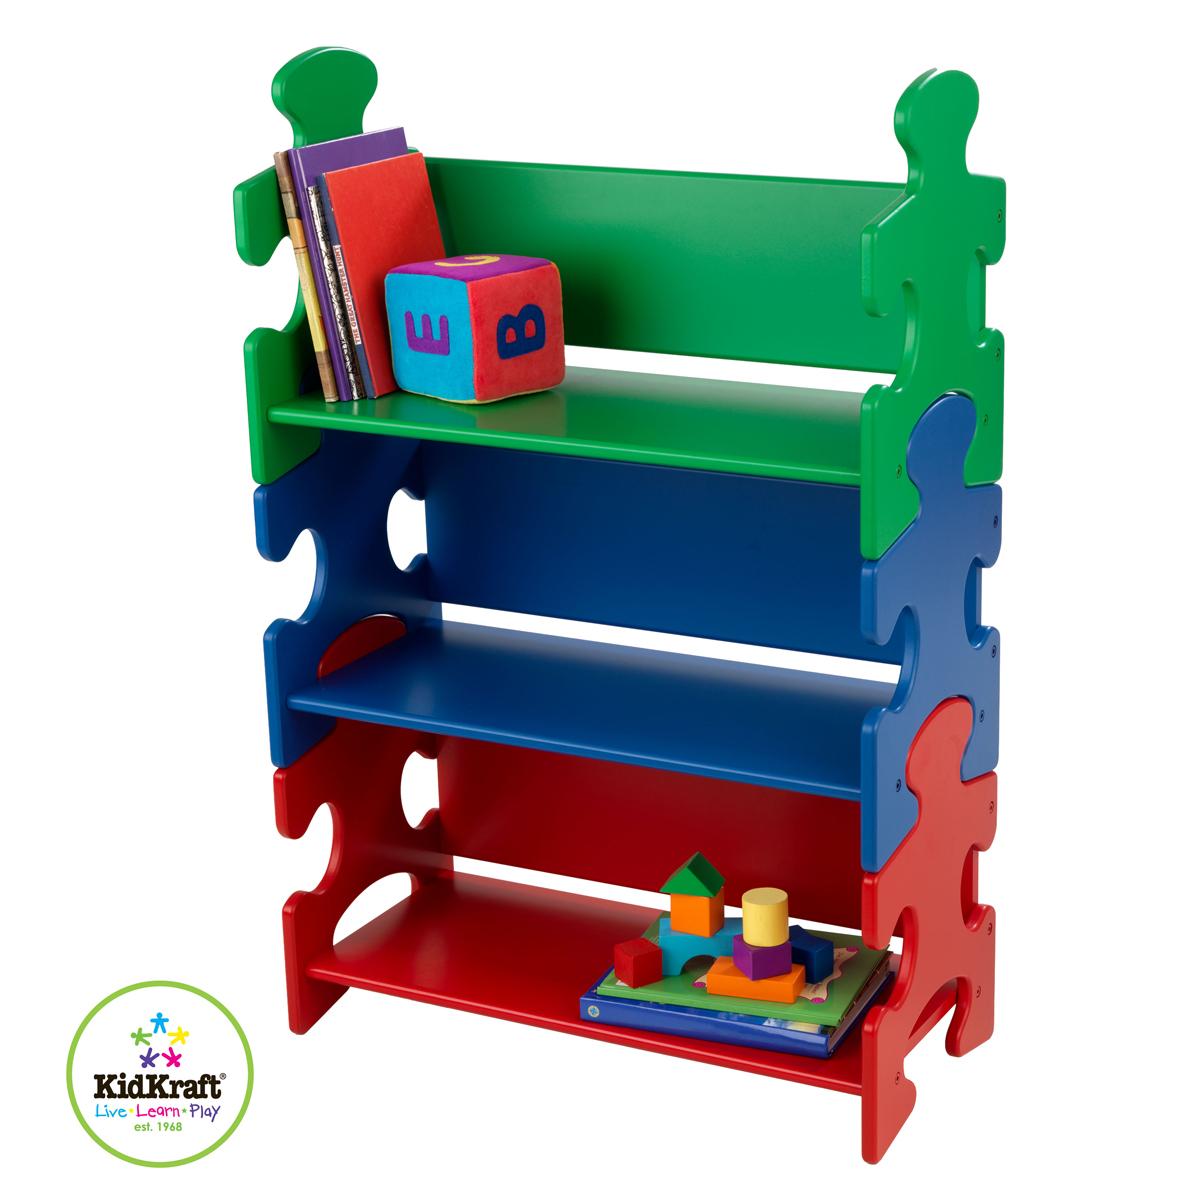 Kidkraft Estantería de libros estilo puzle en colores primarios ...